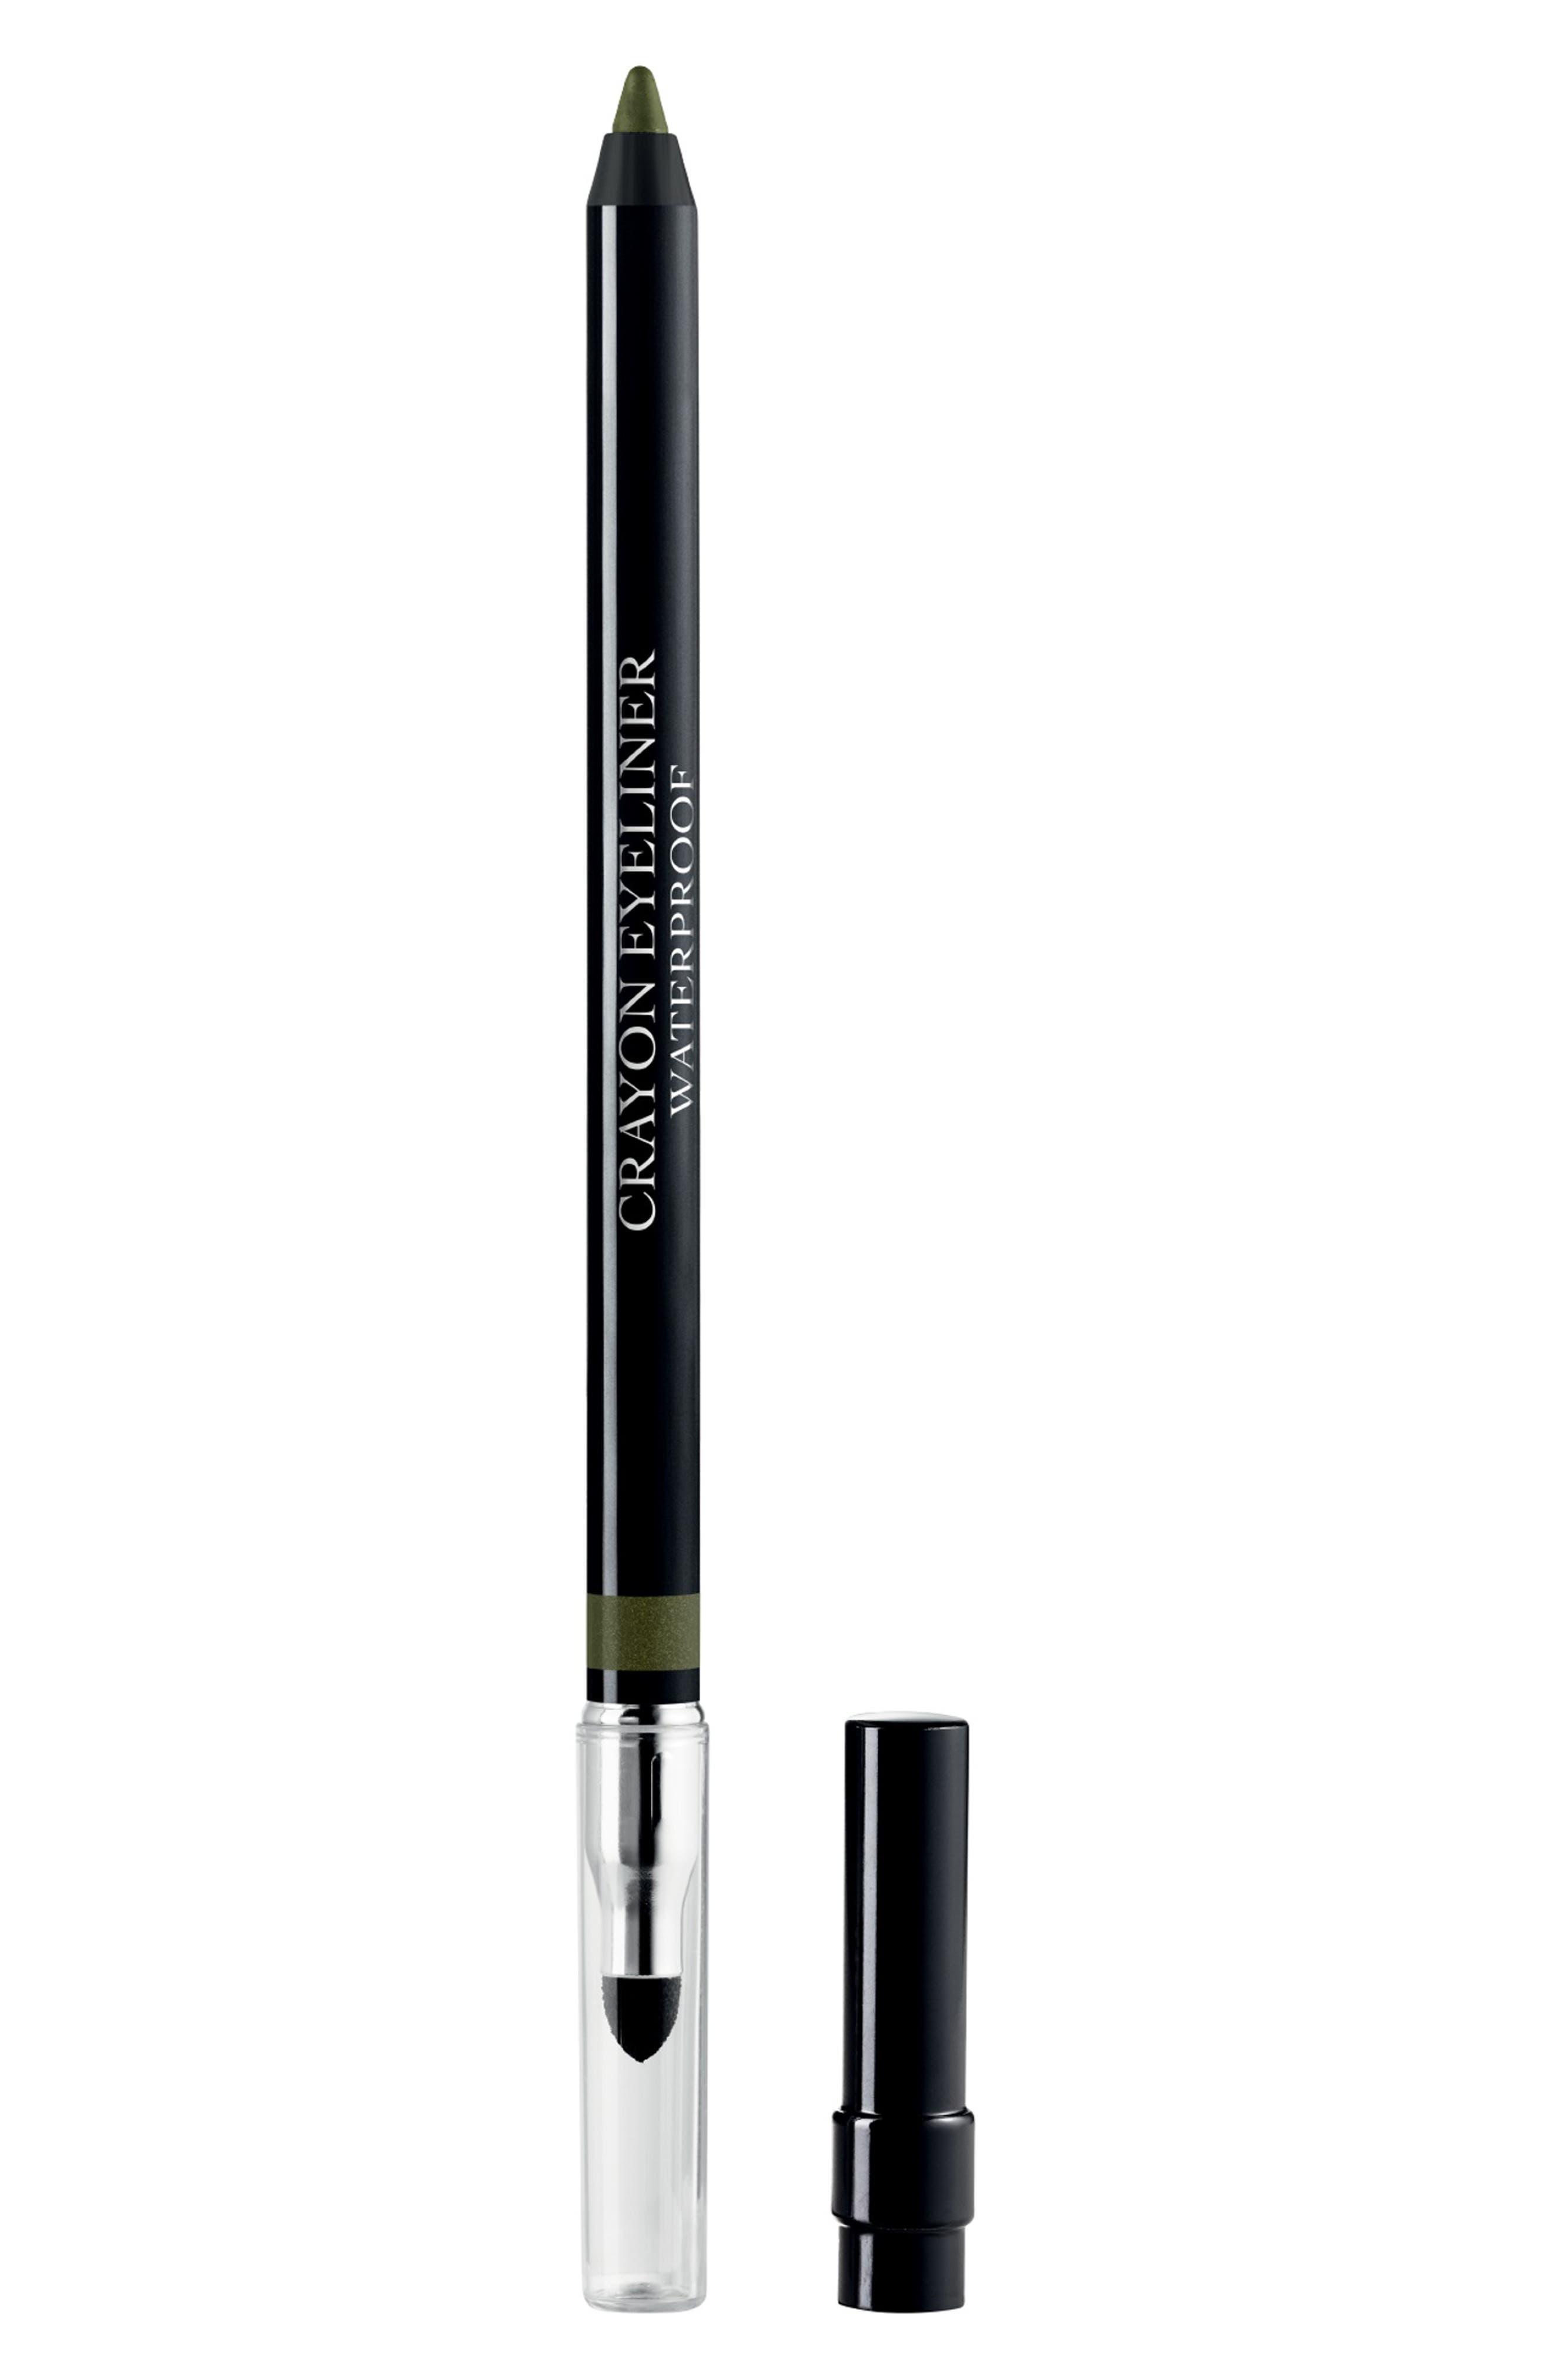 Dior Long-Wear Waterproof Eyeliner Pencil - 474 Golden Khaki